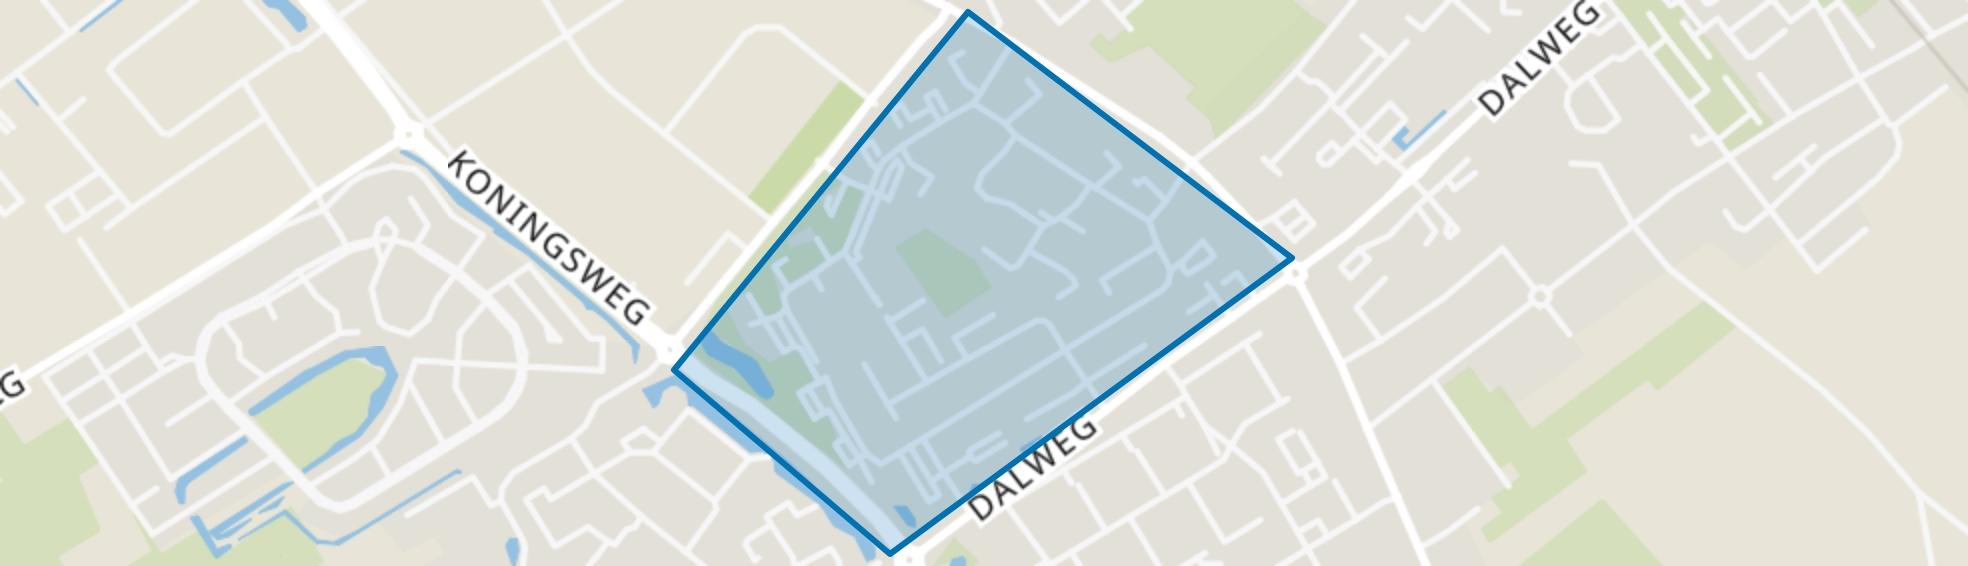 Klaarwater, Soest map